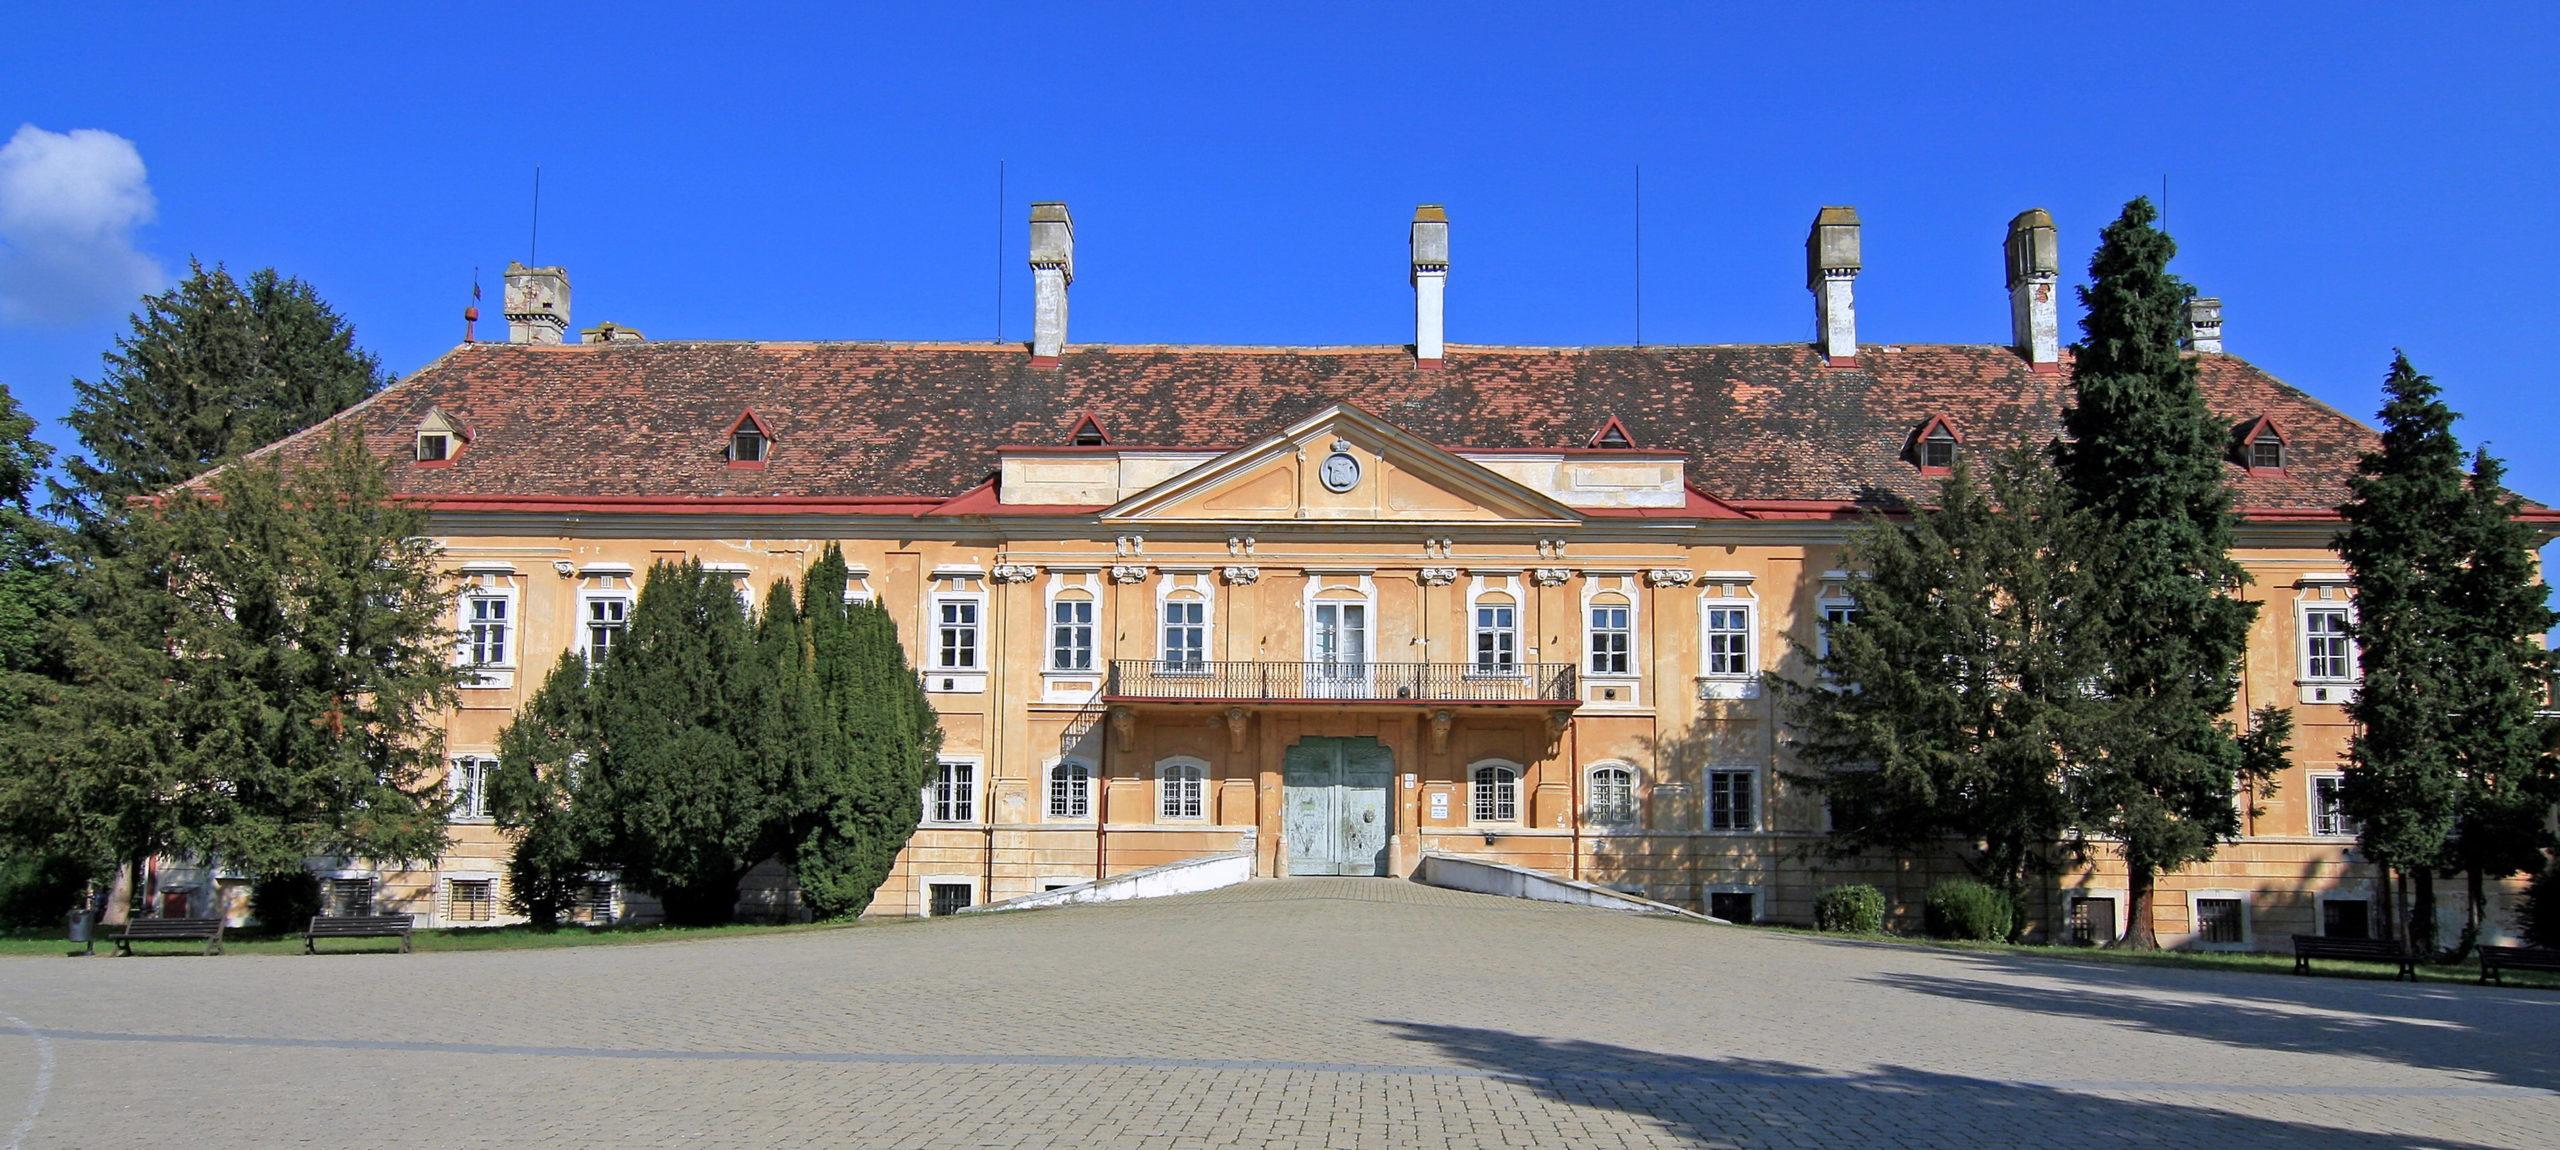 Para-raios DAT CONTROLER® REMOTE protegem o castelo Malacky na Eslováquia